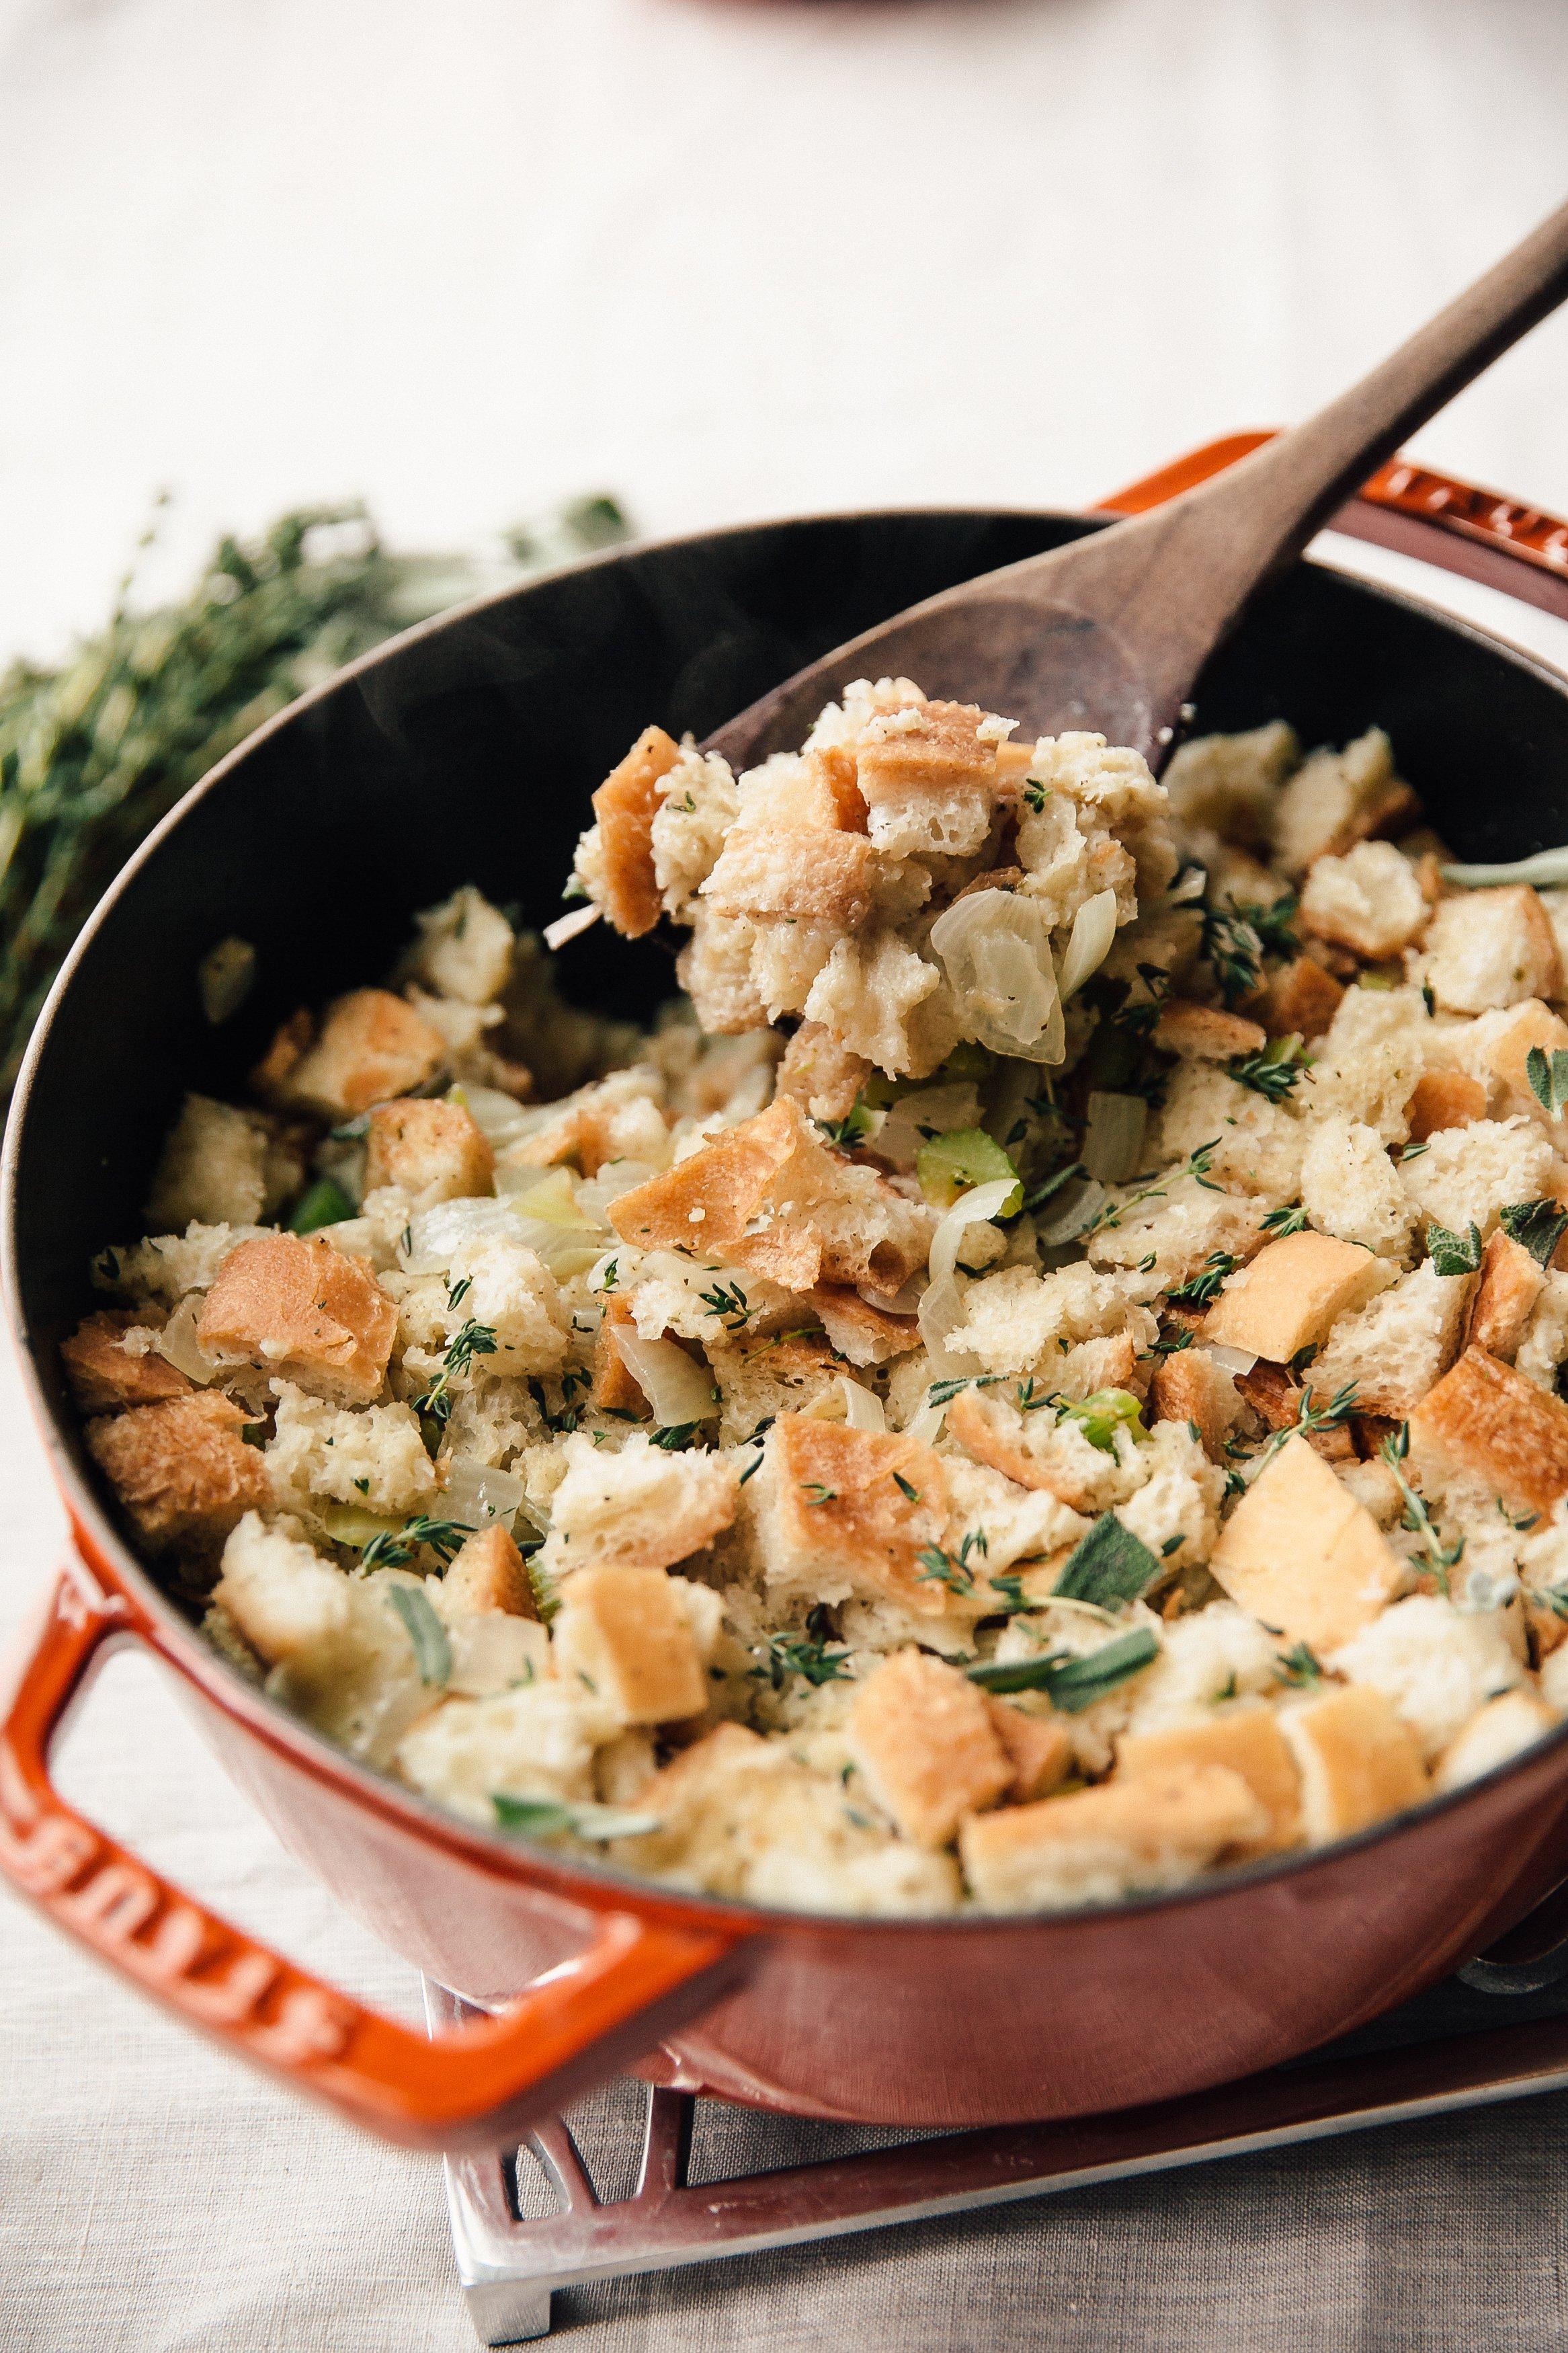 Recipe: Stovetop Thanksgiving Stuffing